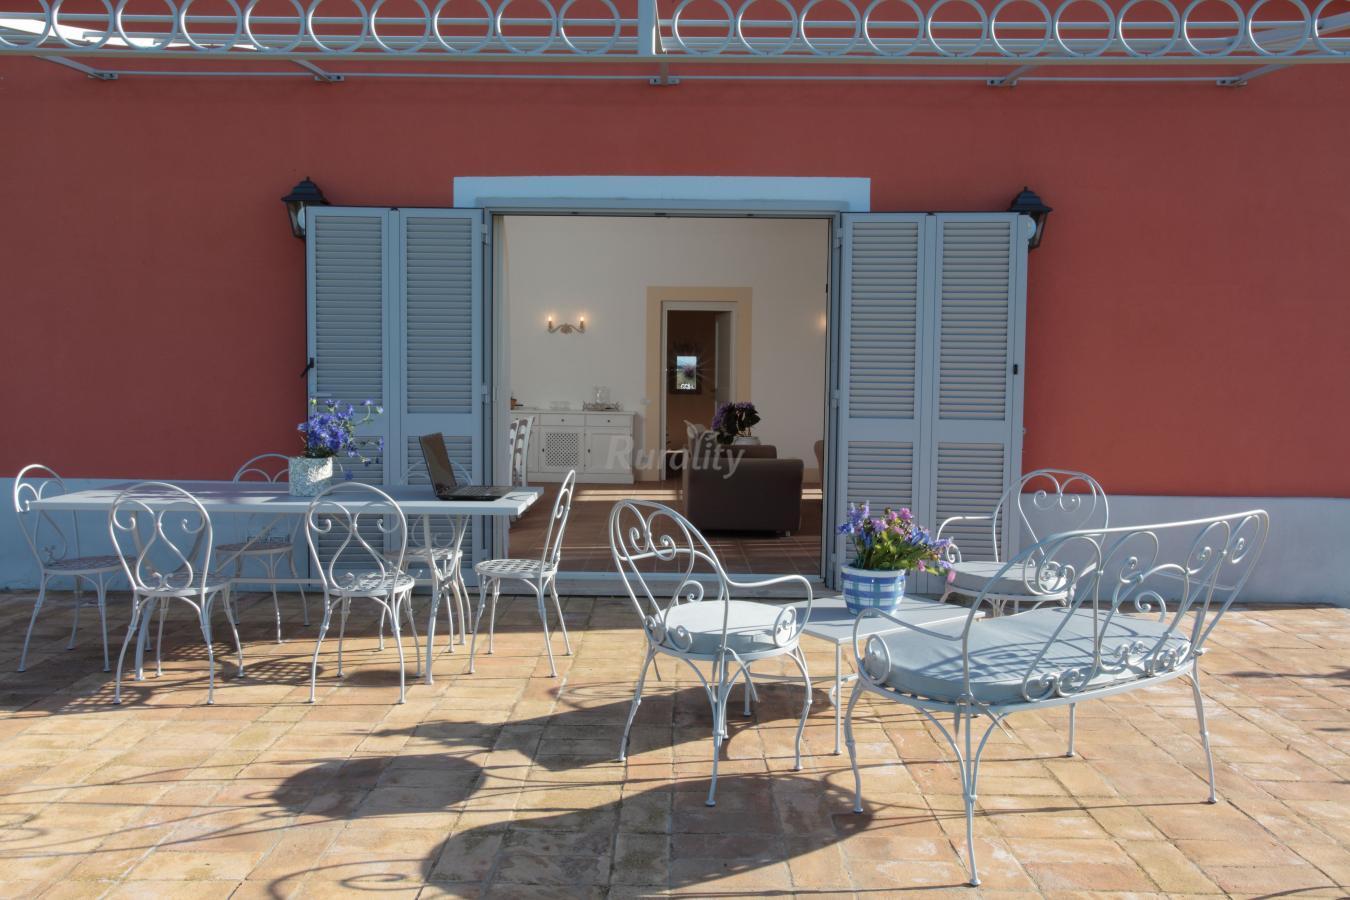 Foto di agriturismo piani della marina casa vacanze for Piani di casa di 1600 piedi quadrati